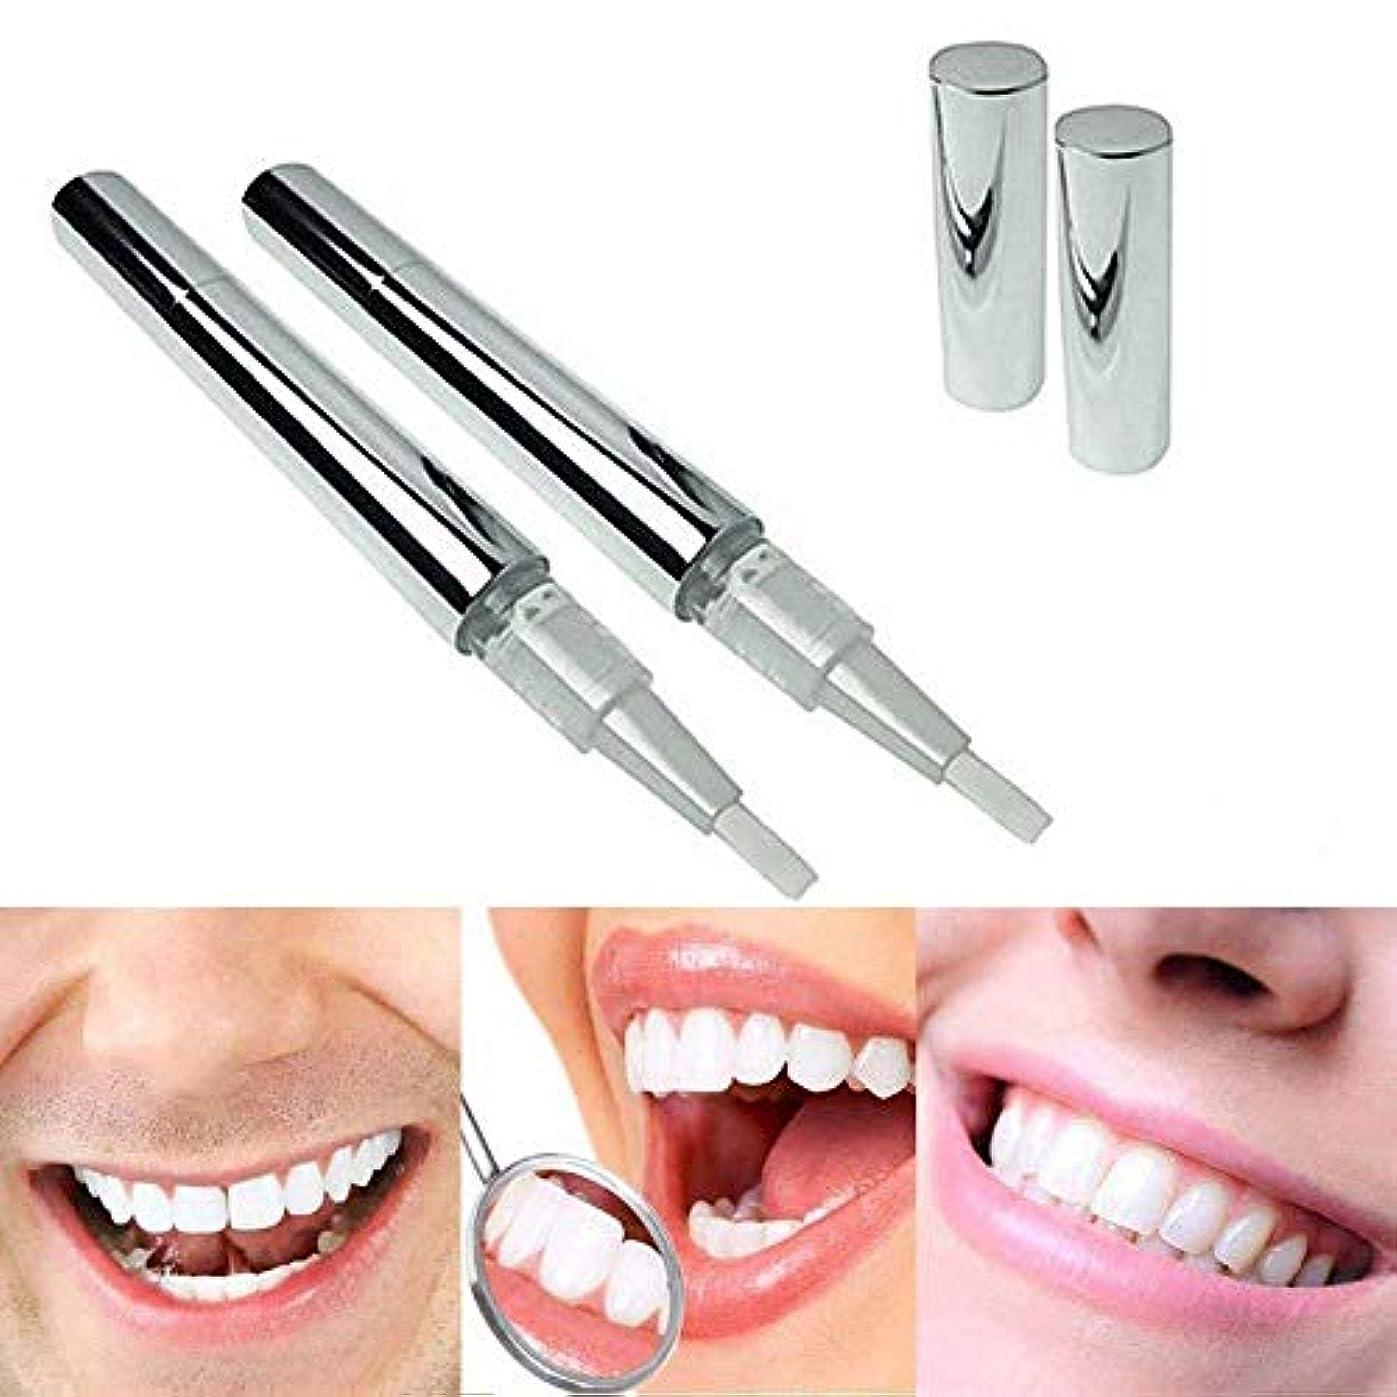 満たす一次不健全MercuryGo 美白歯ゲル 歯 ホワイトニングペン ホワイトニングペン 歯ブラシ 輝く笑顔 口臭防止 歯周病防止 2本